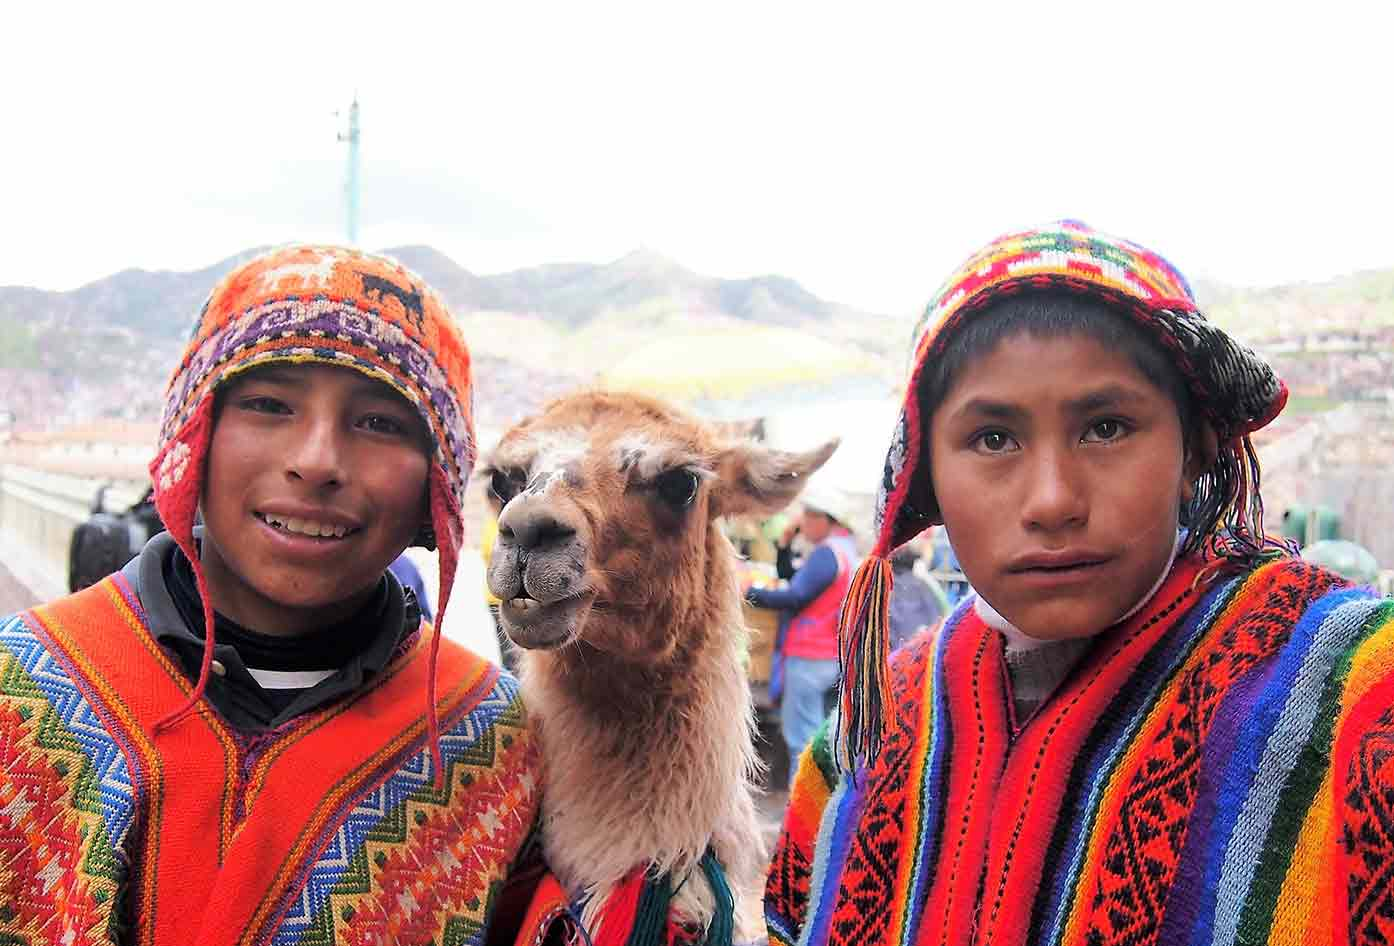 people of peru